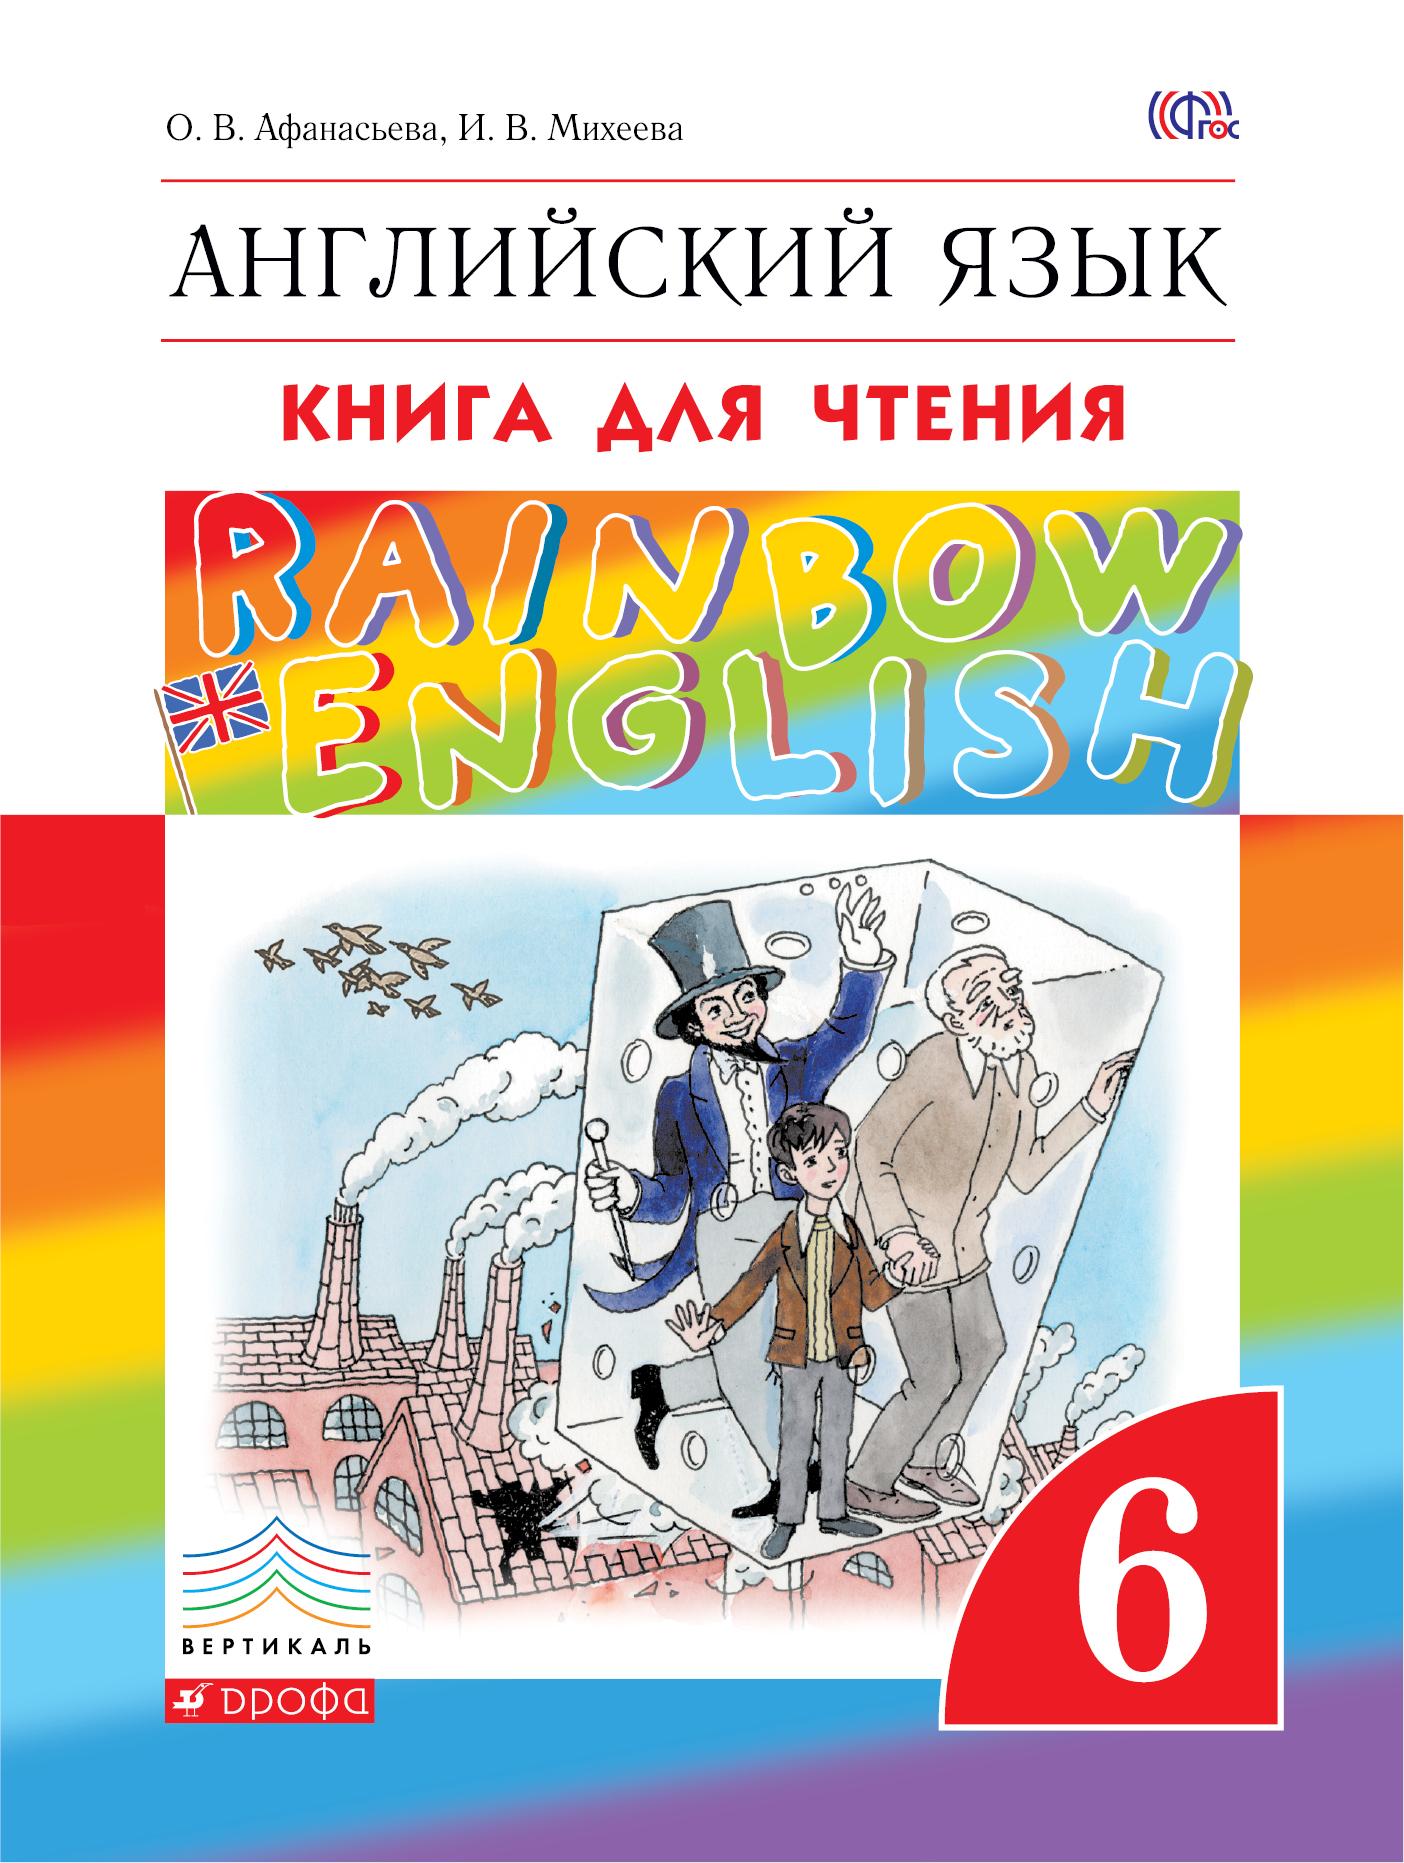 О. В. Афанасьева, И. В. Михеева Английский язык. 6 класс. Книга для чтения